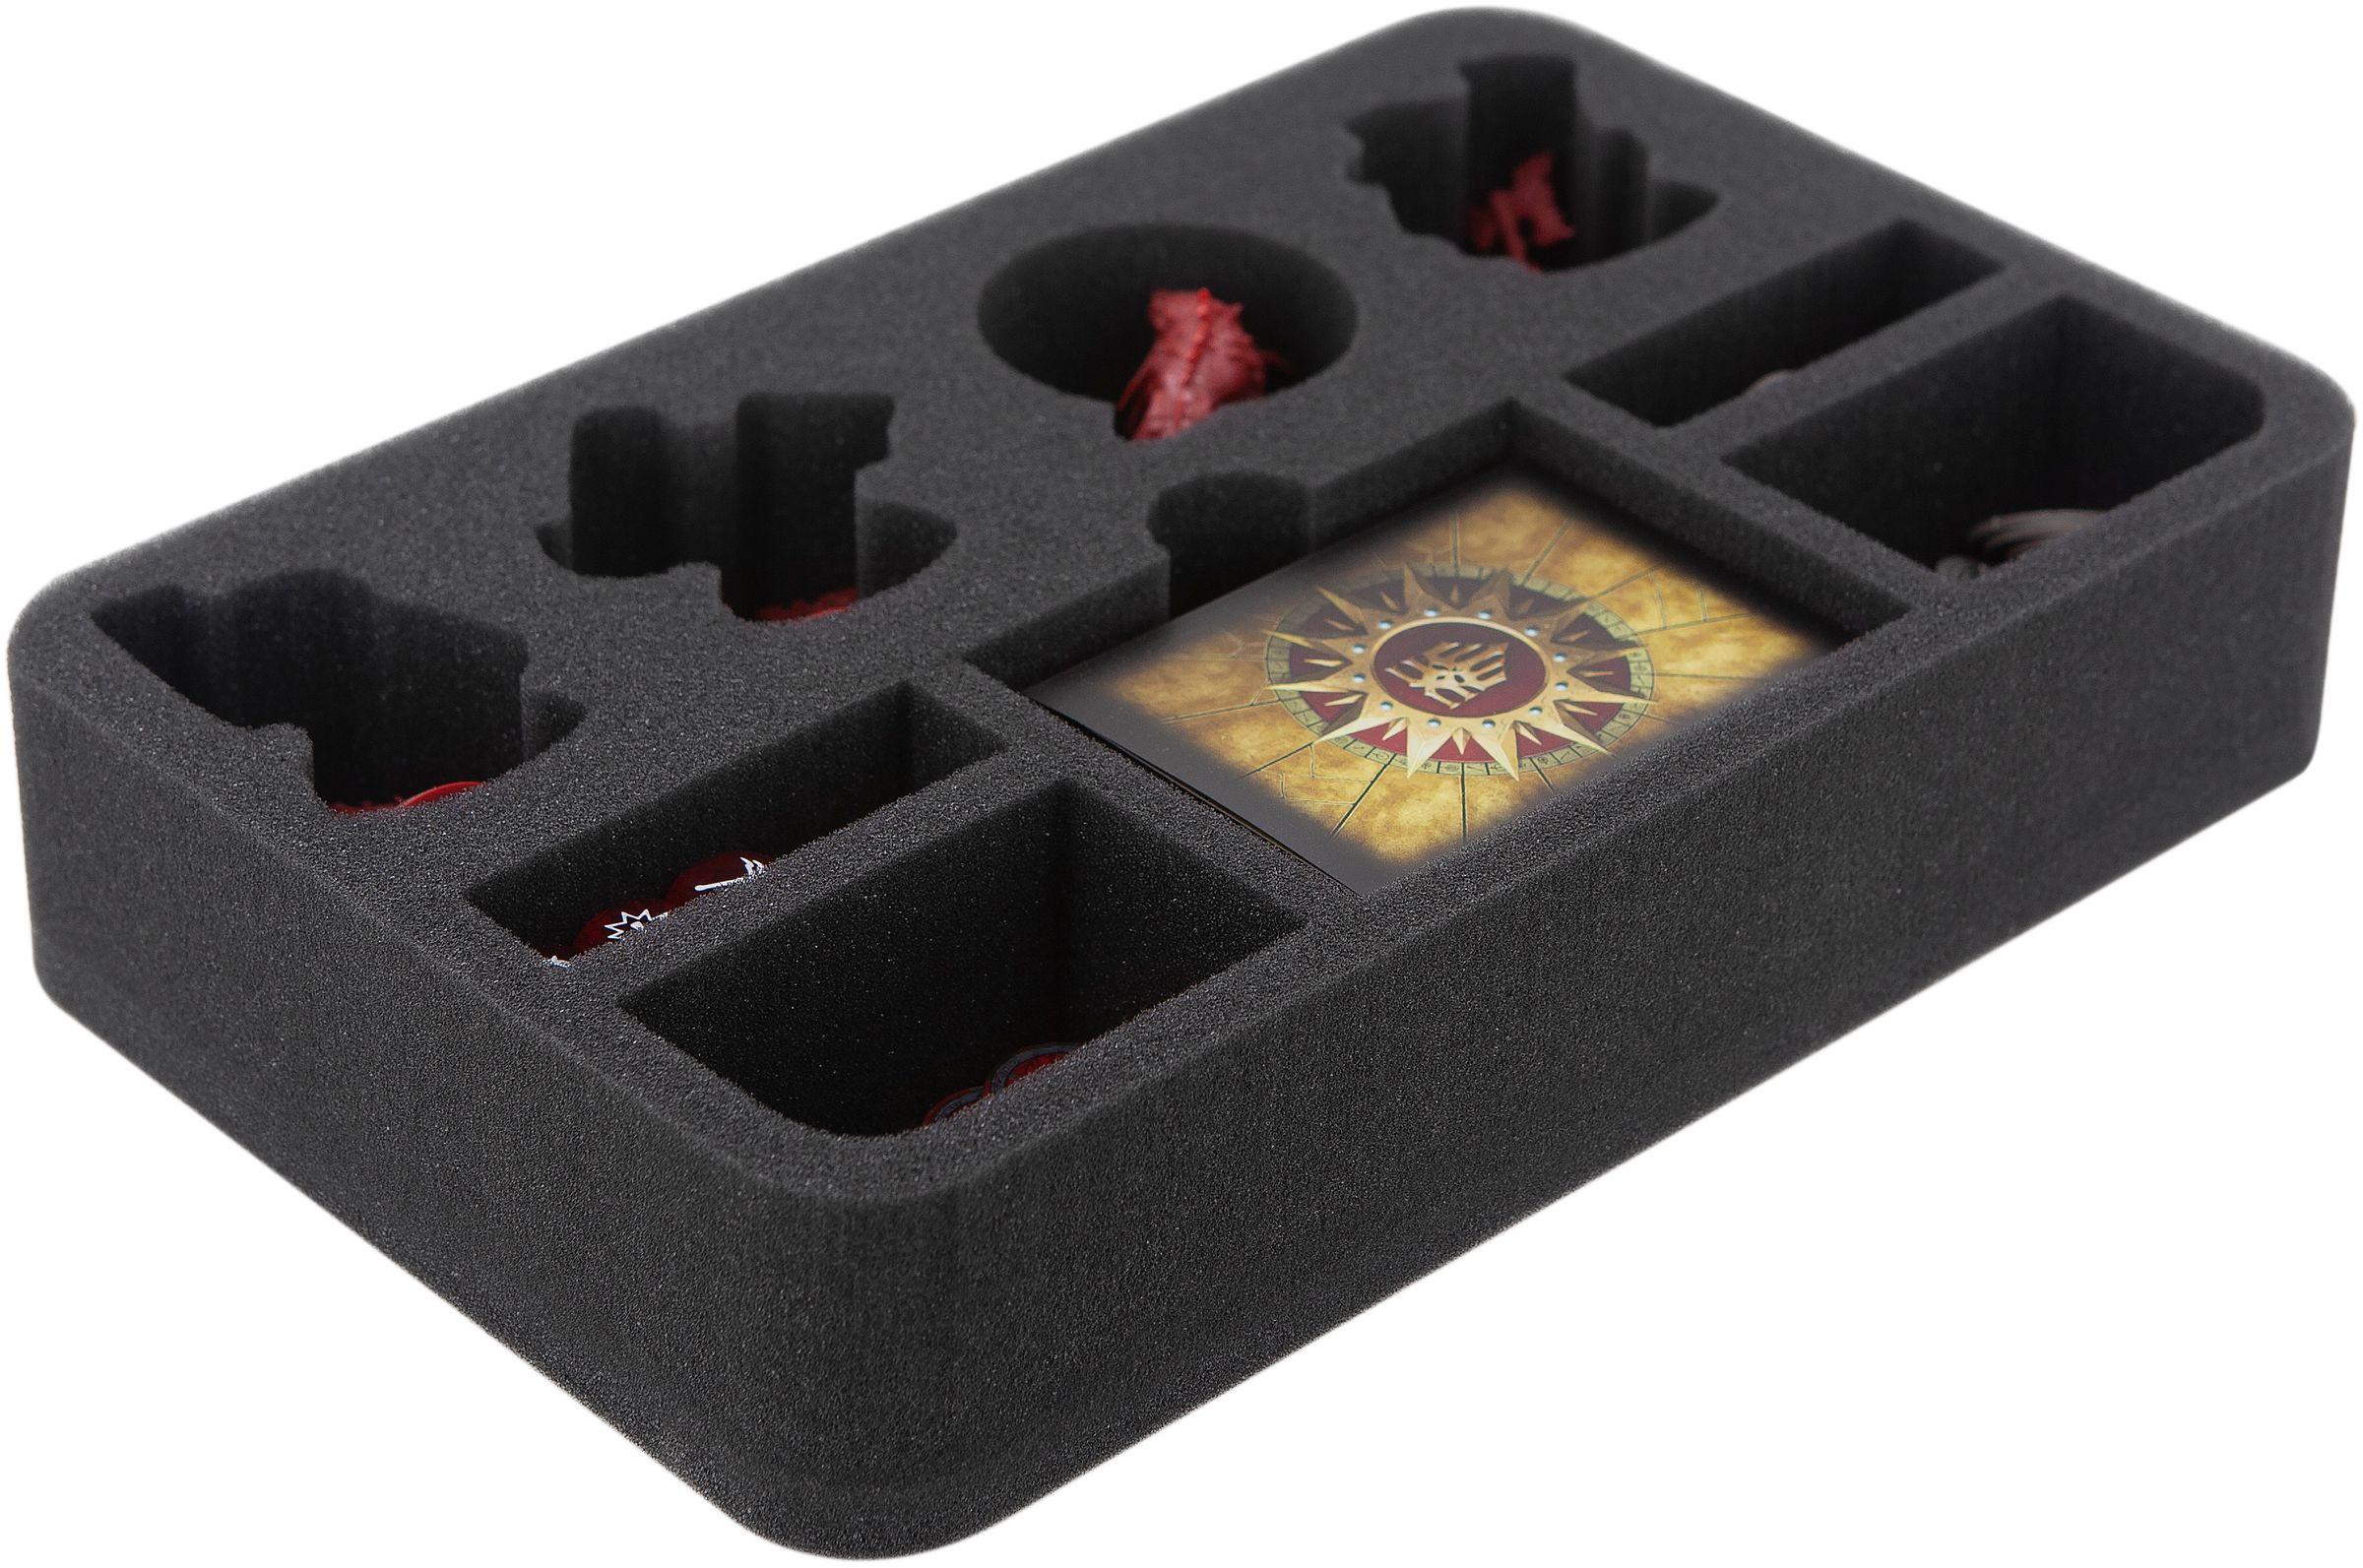 Shadespire Magore's Fiends Foam Tray For Warhammer Underworlds